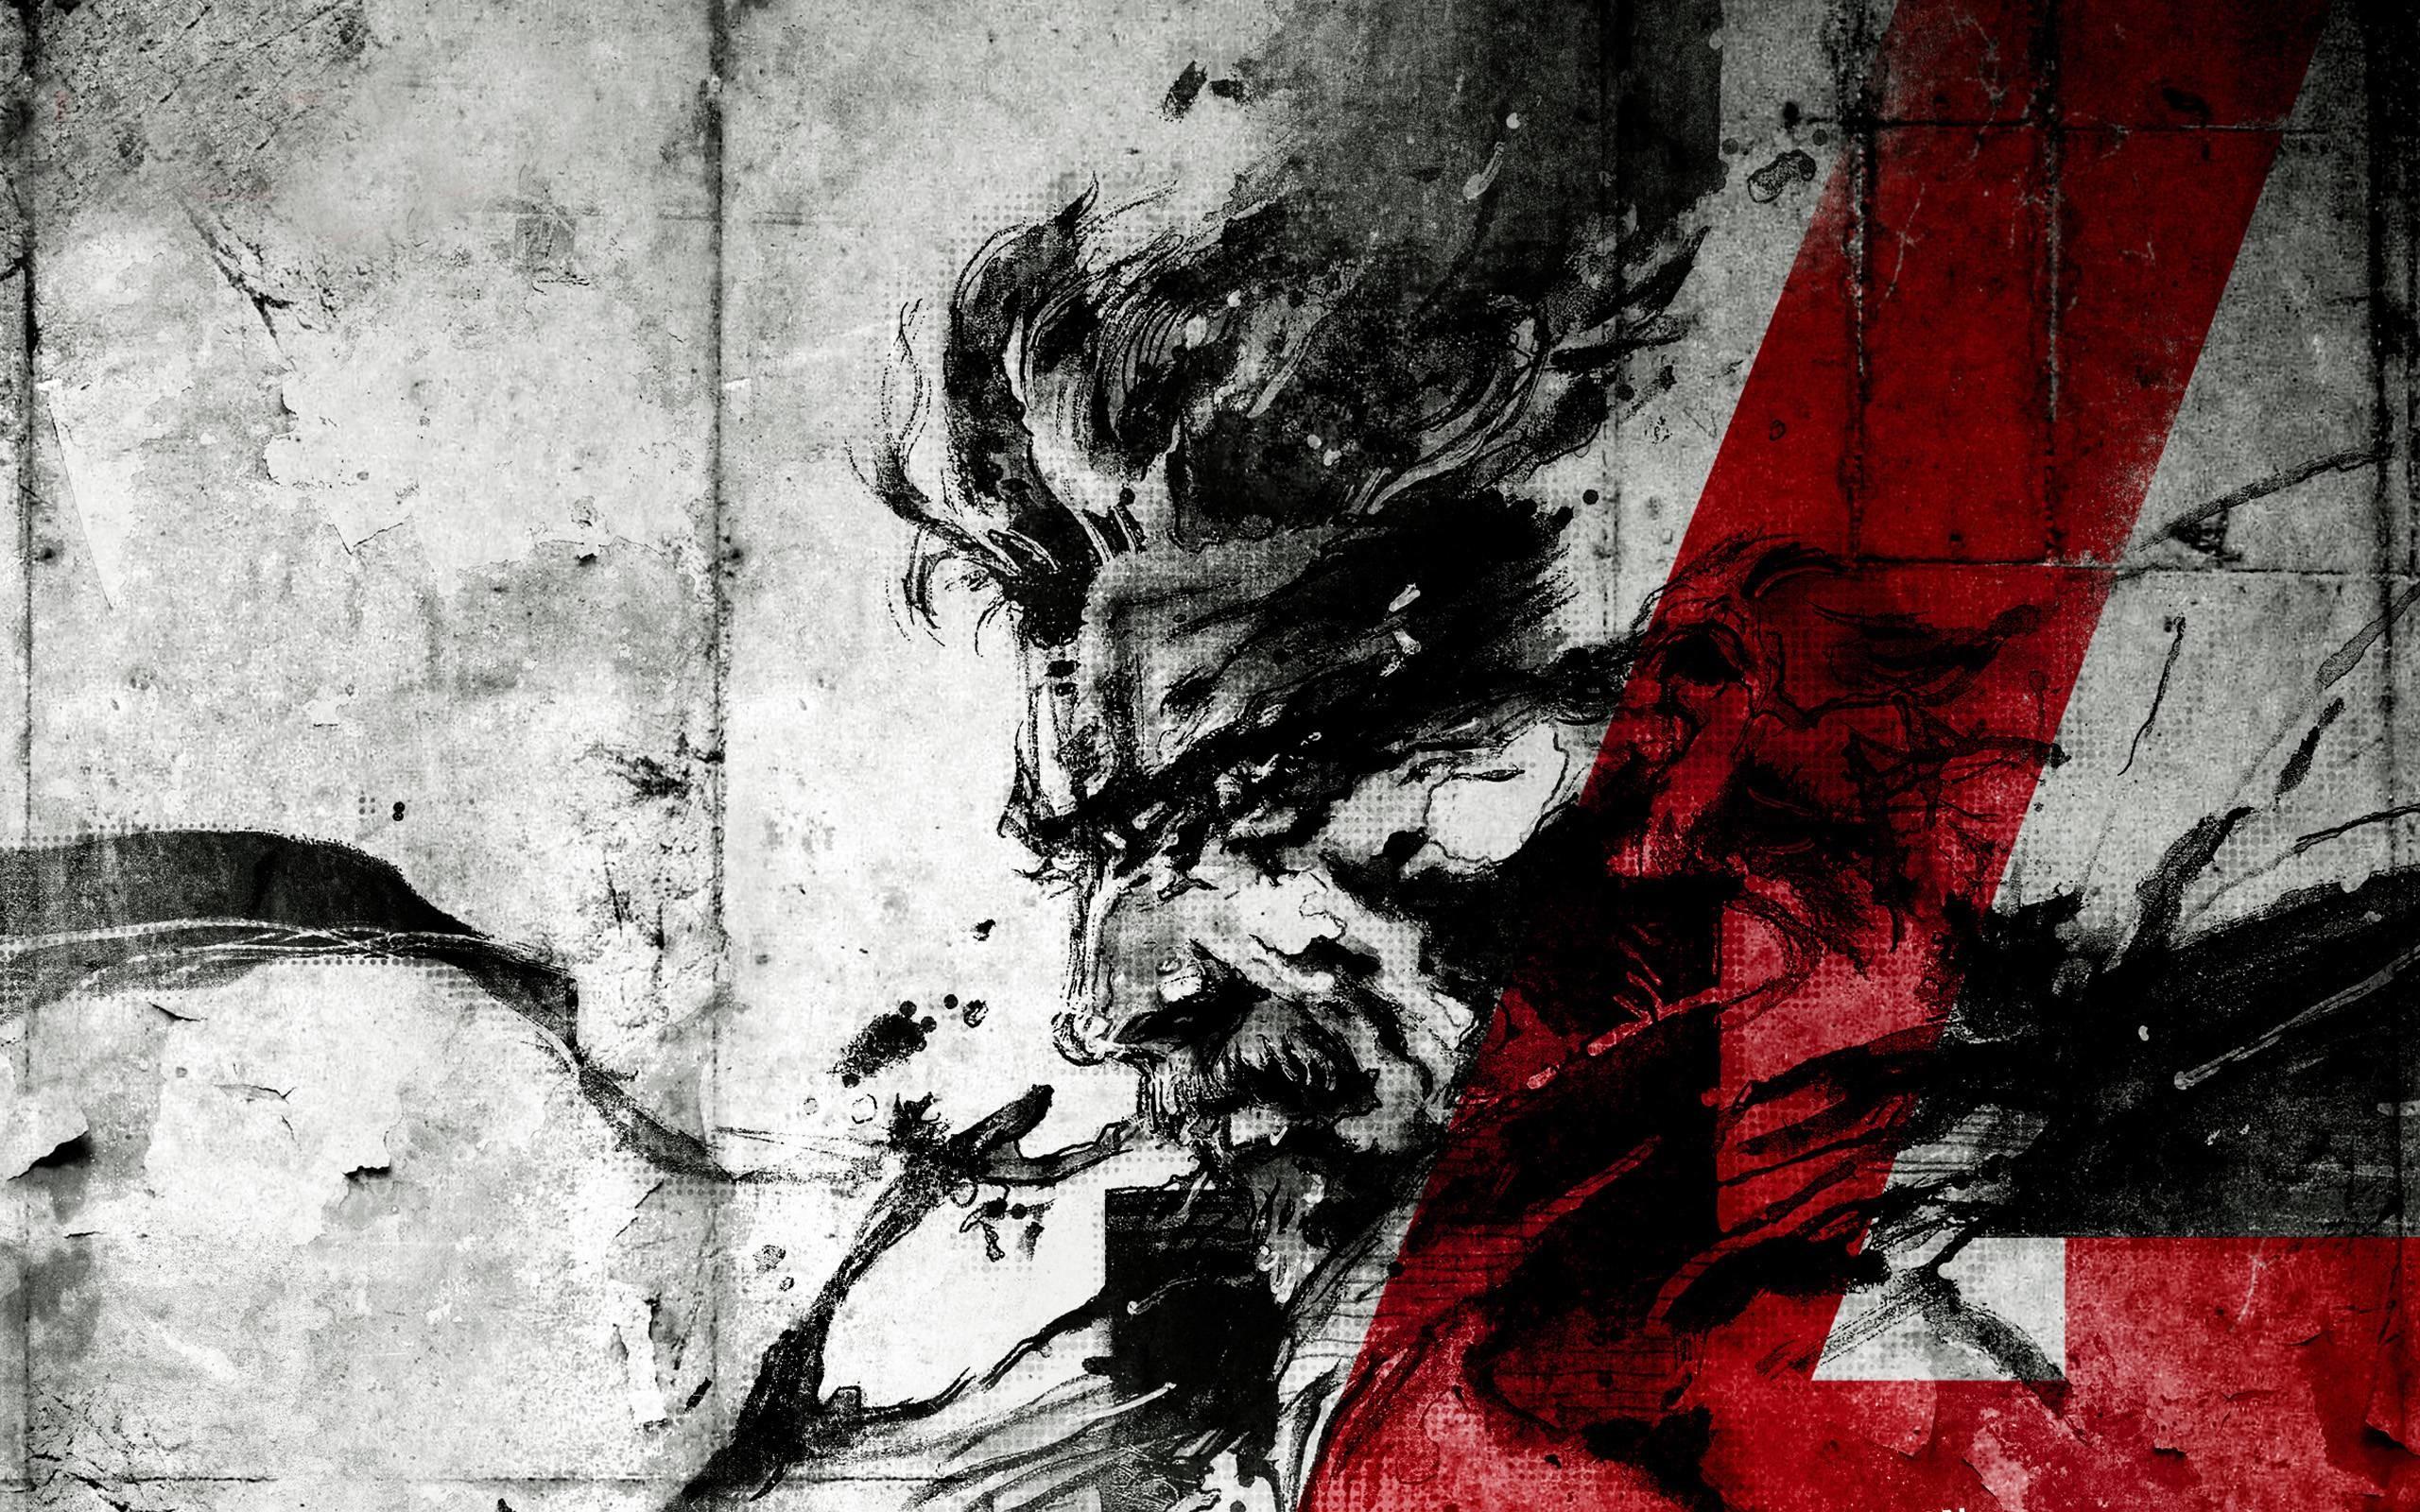 Metal Gear Solid 4 Wallpaper   loopele.